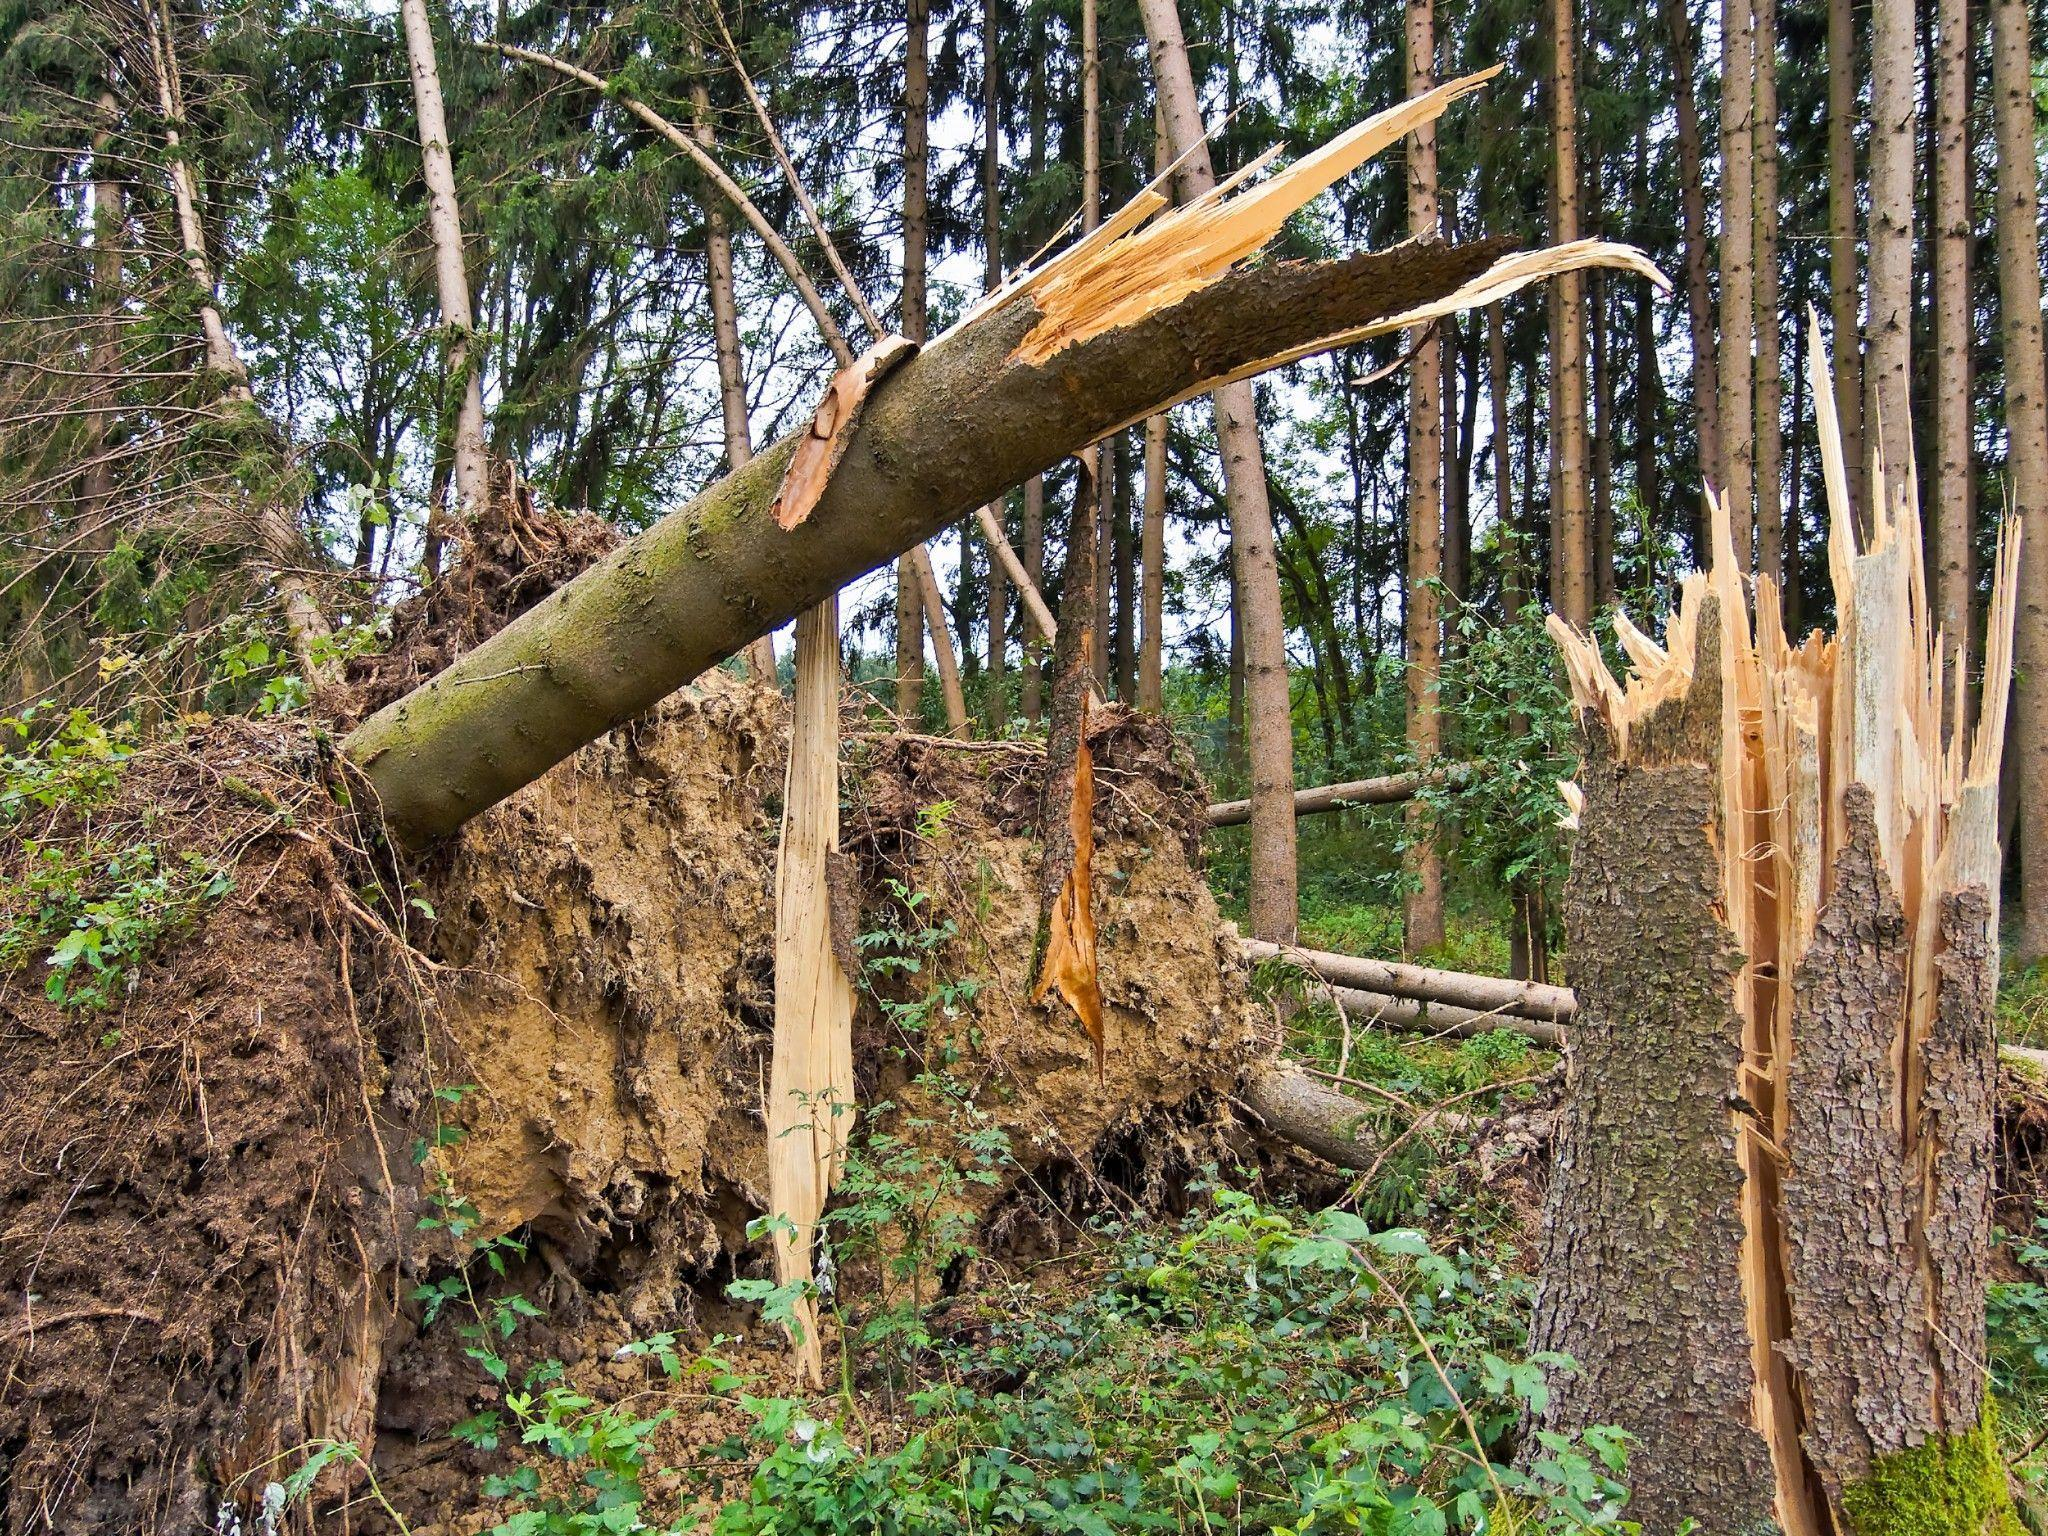 Das Ehepaar musste tot aus dem Wald geborgen werden.